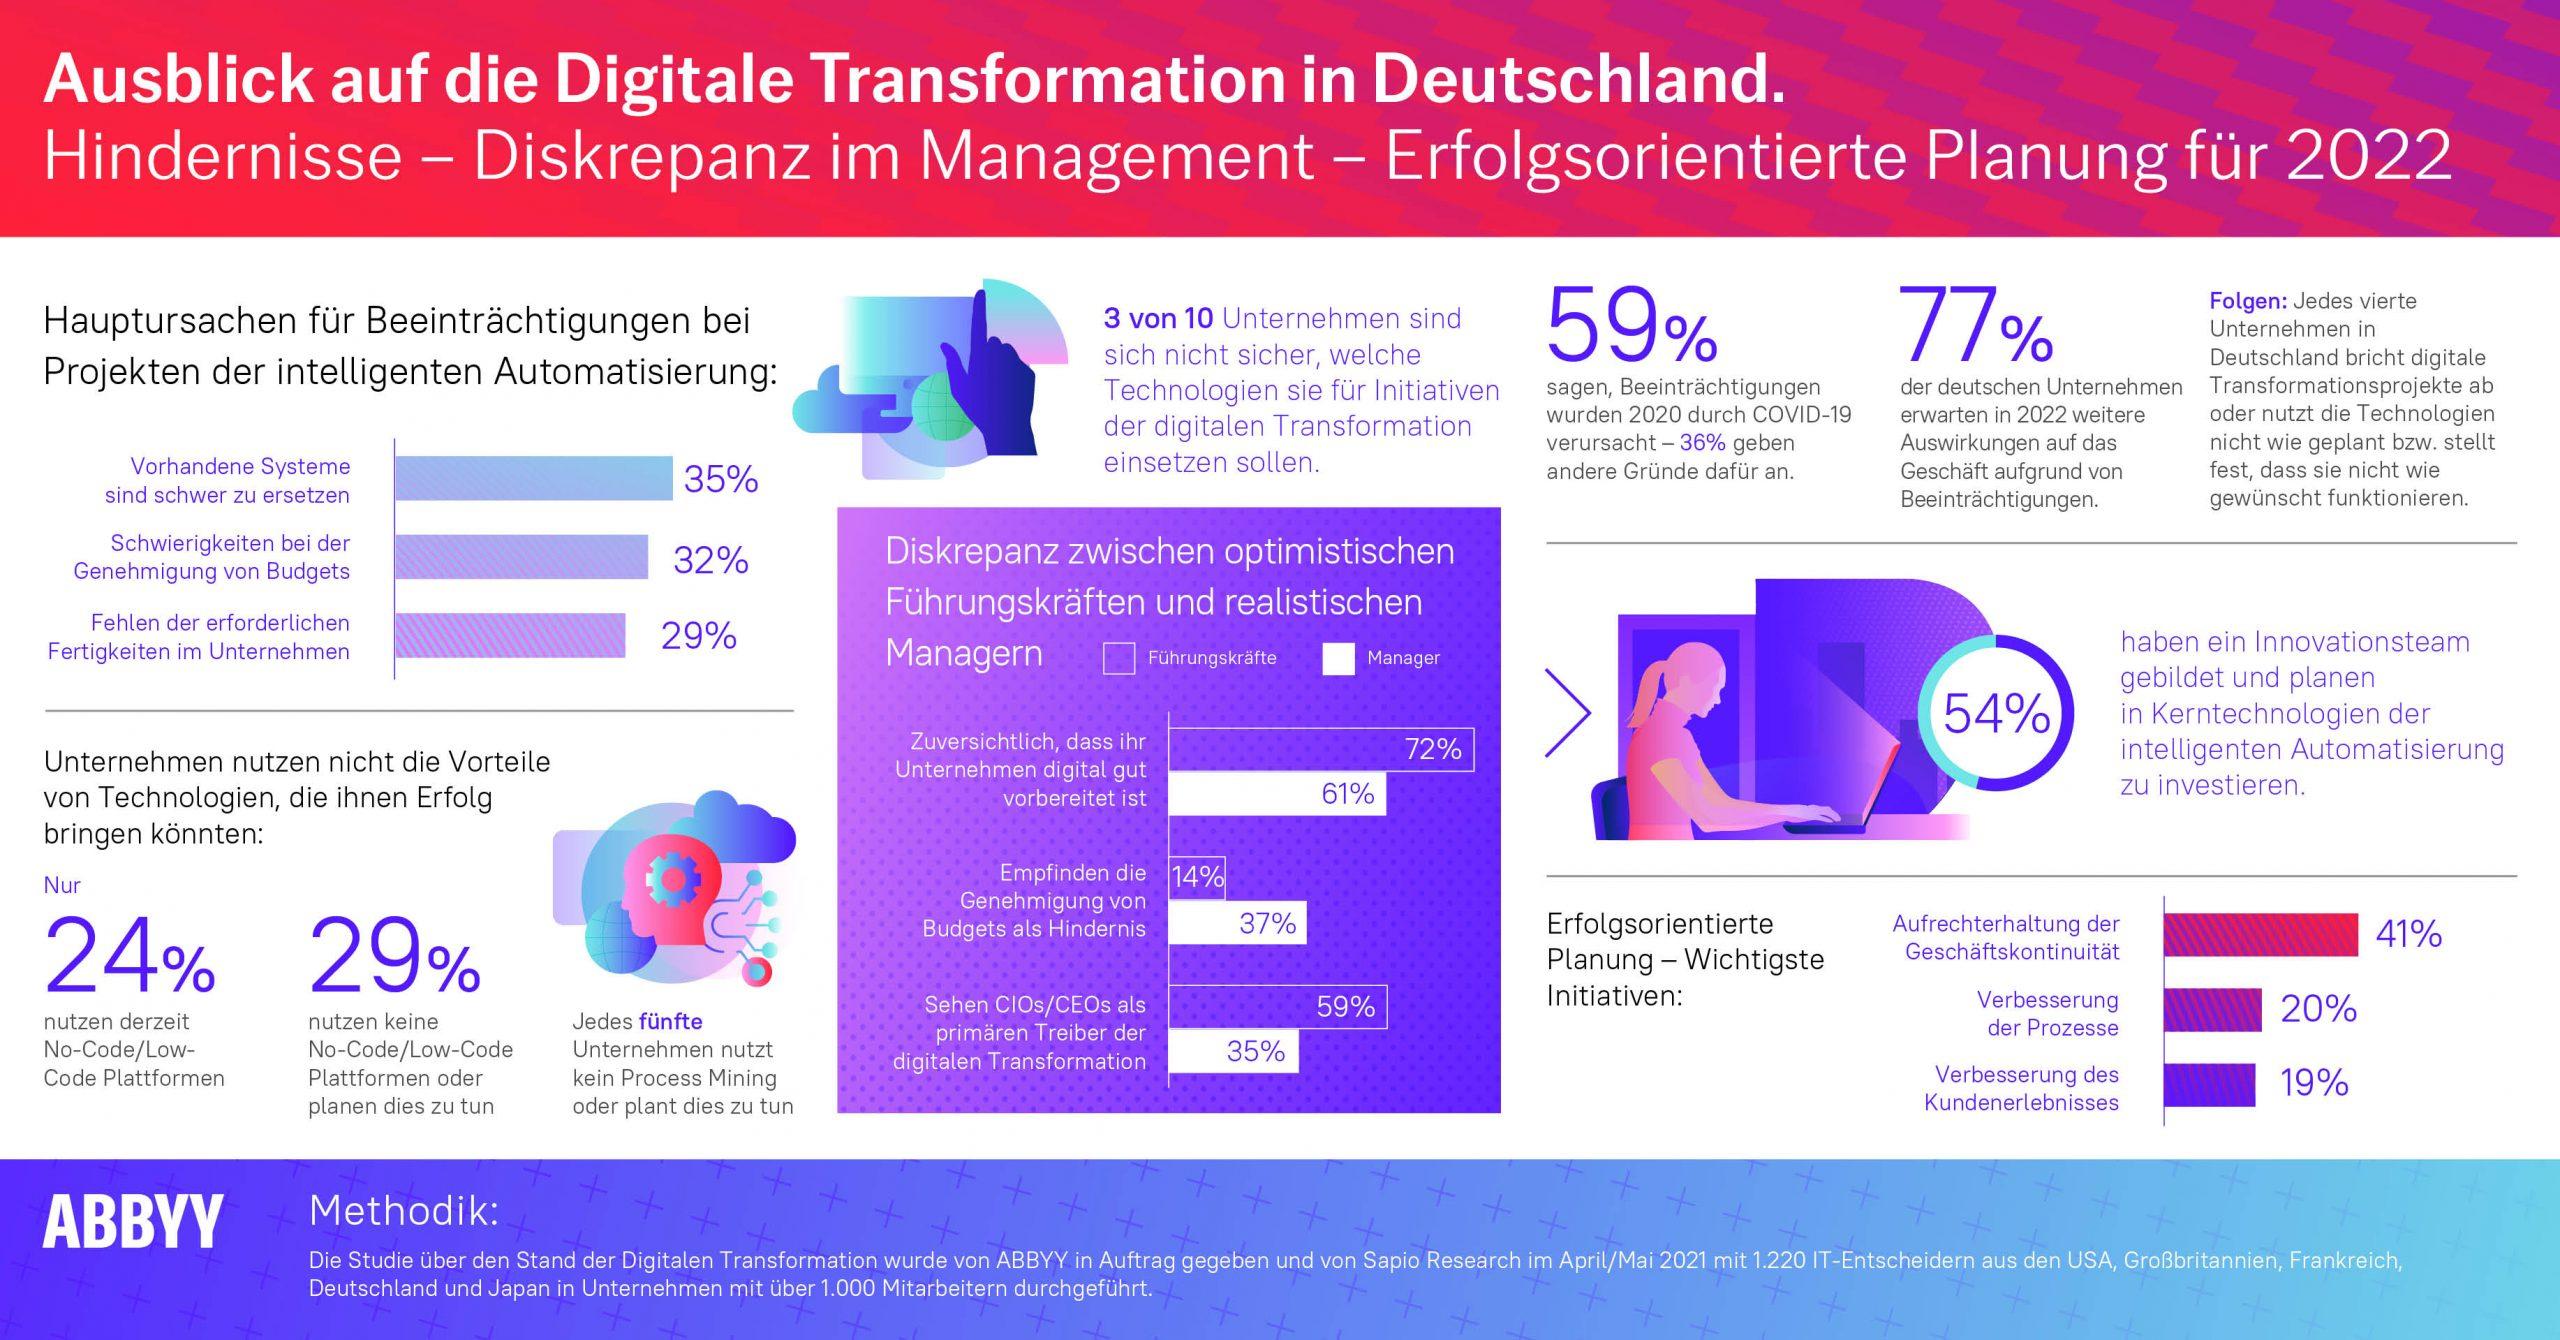 ABBYY Studie zeigt: Diskrepanz zwischen leitenden Führungskräften und Managern bedroht erfolgreiche digitale Transformation